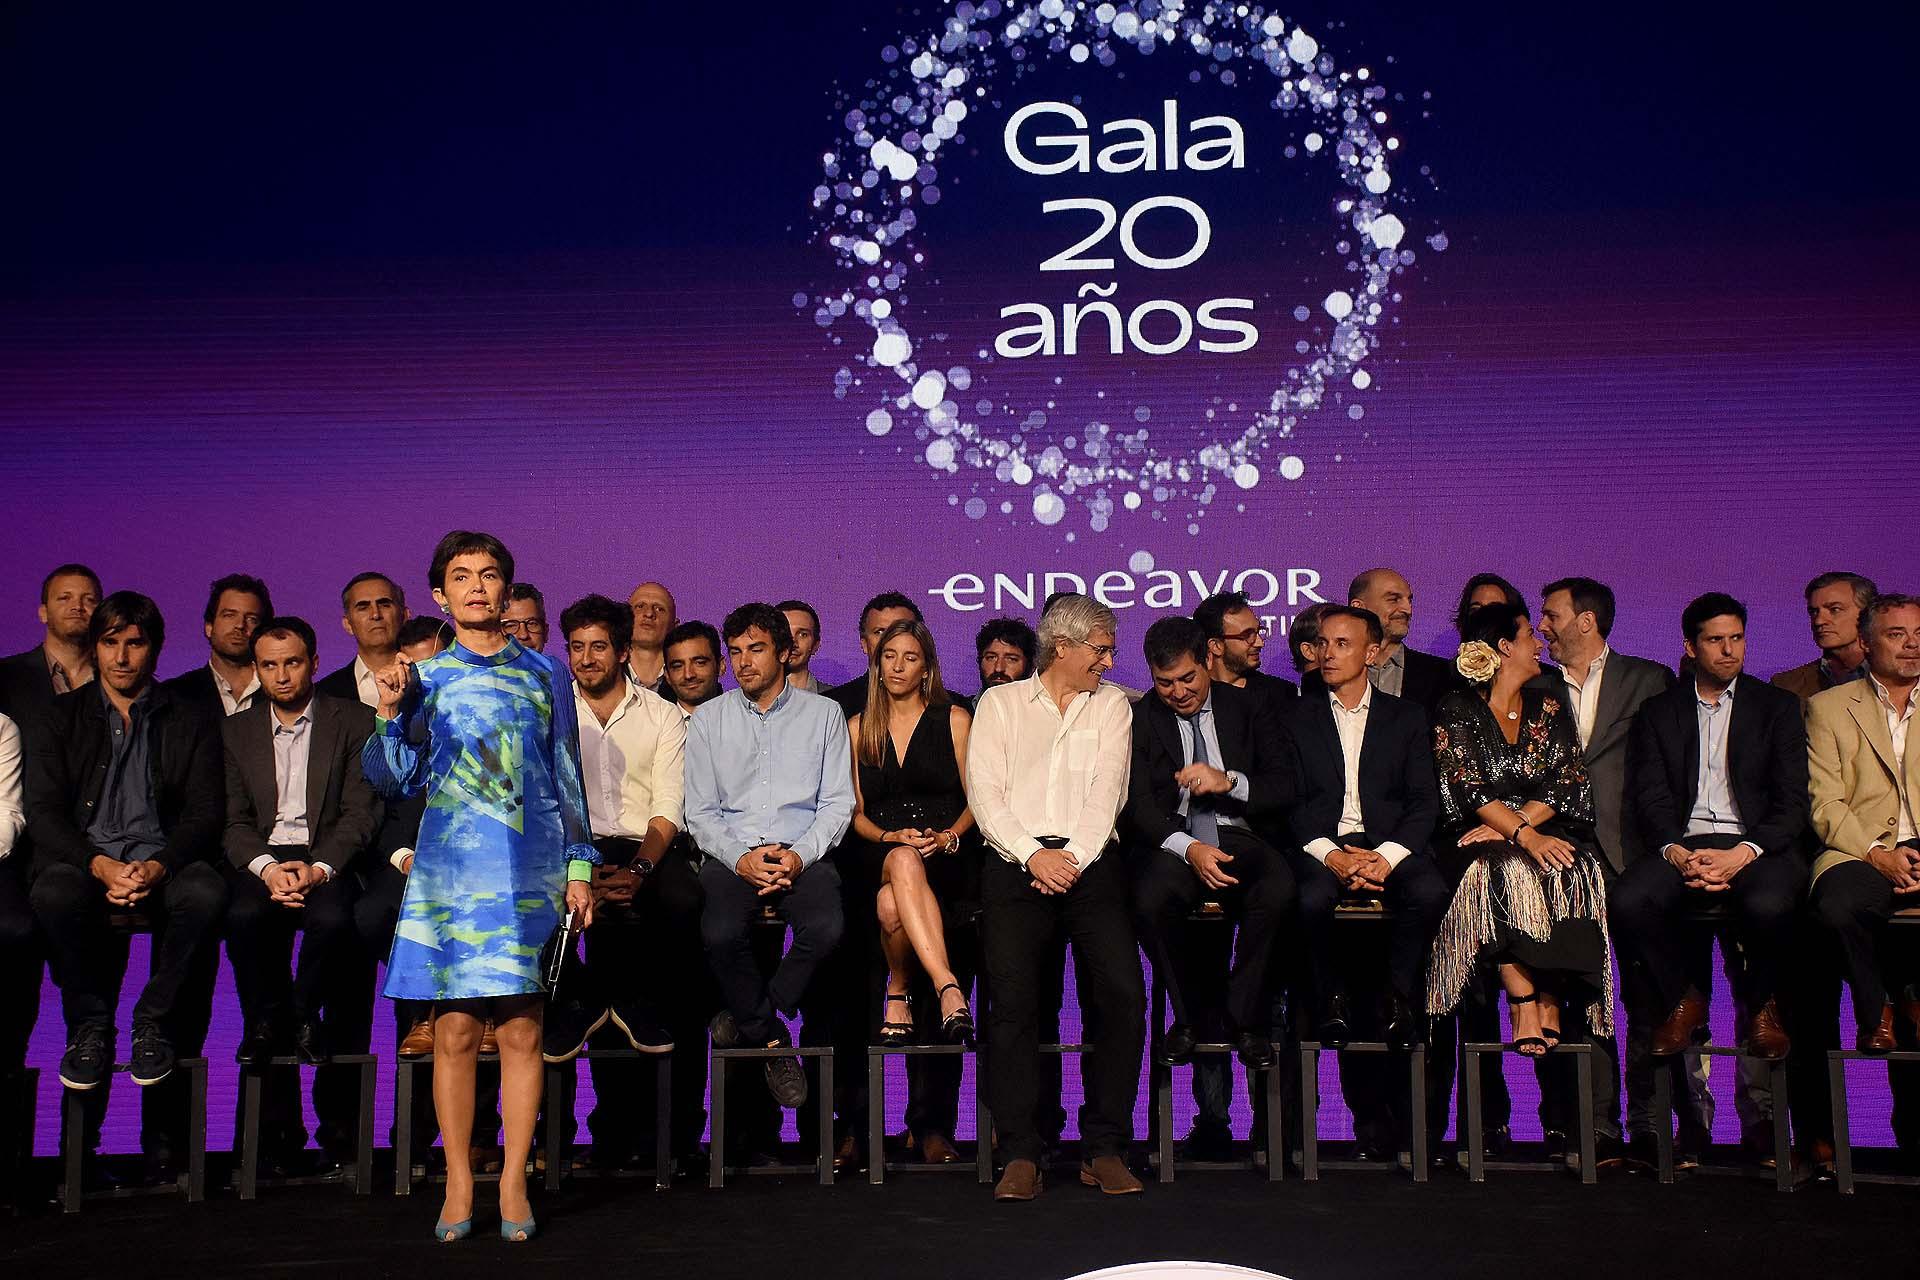 La Gala de los 20 años de Endeavor Argentina reunió al ecosistema emprendedor argentino